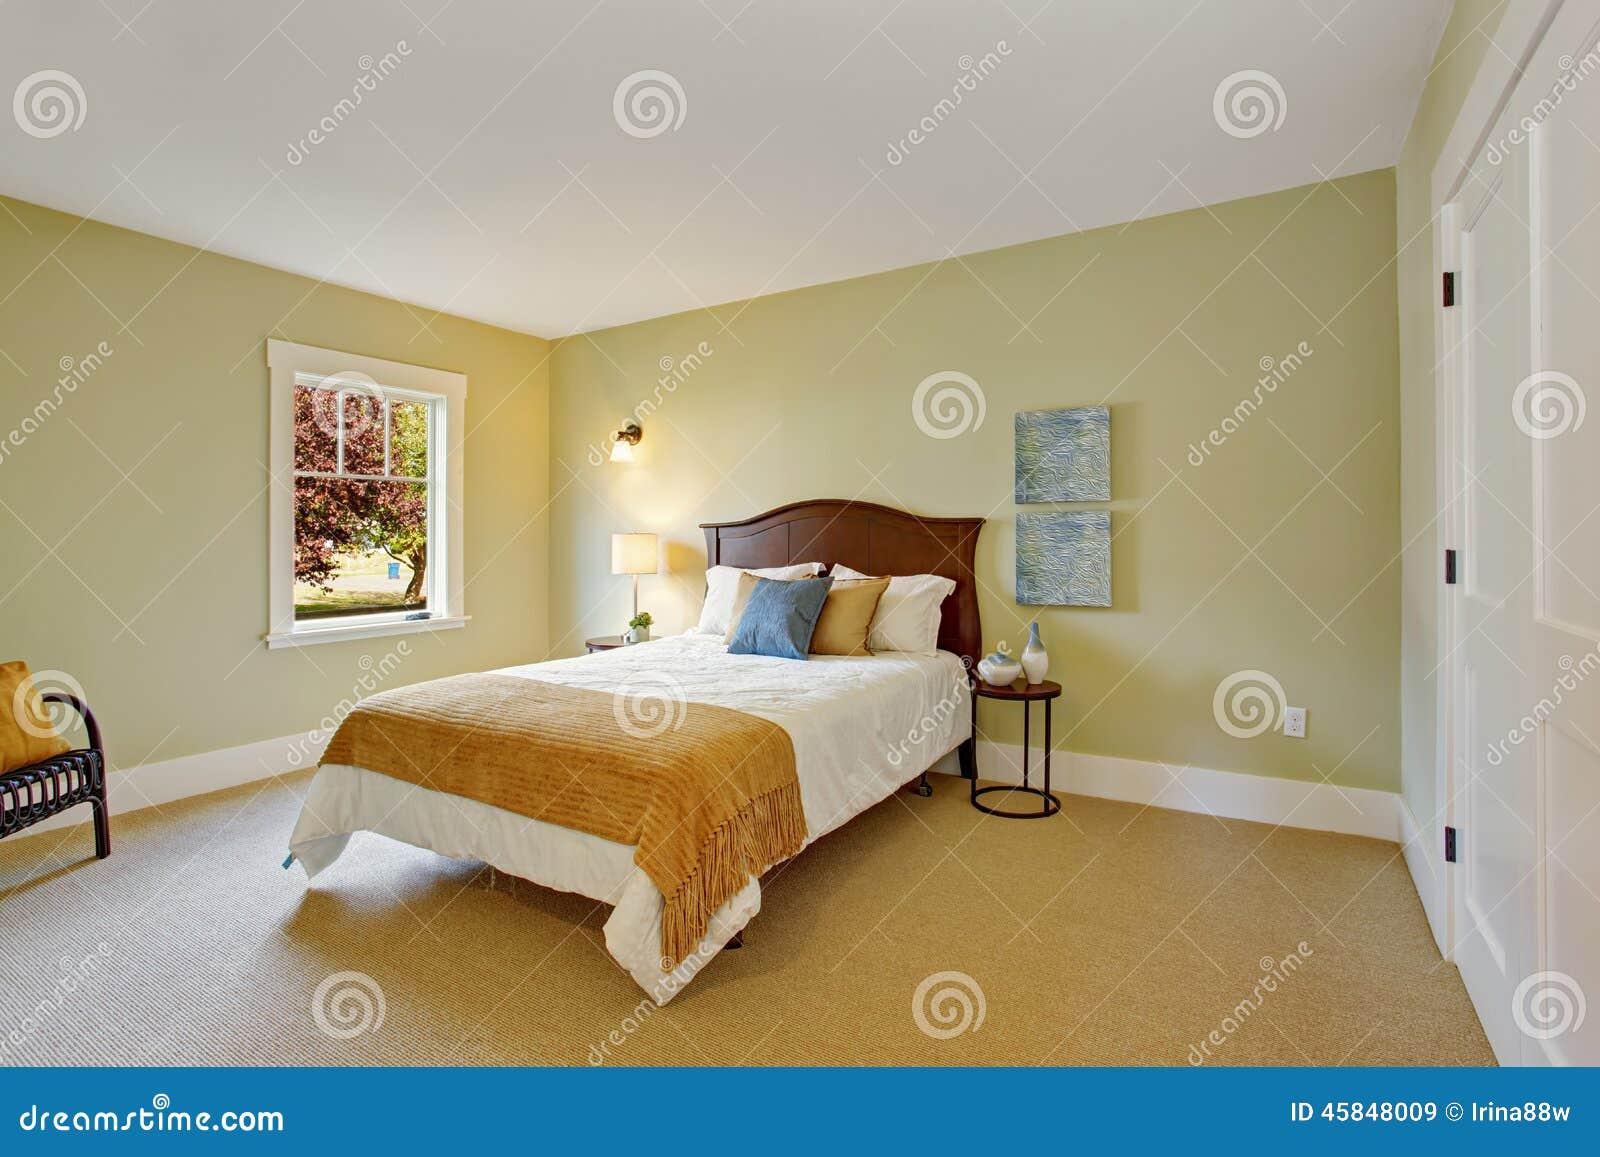 Slaapkamer In Lichte Muntkleur Met Wit Bed Stock Foto - Afbeelding ...